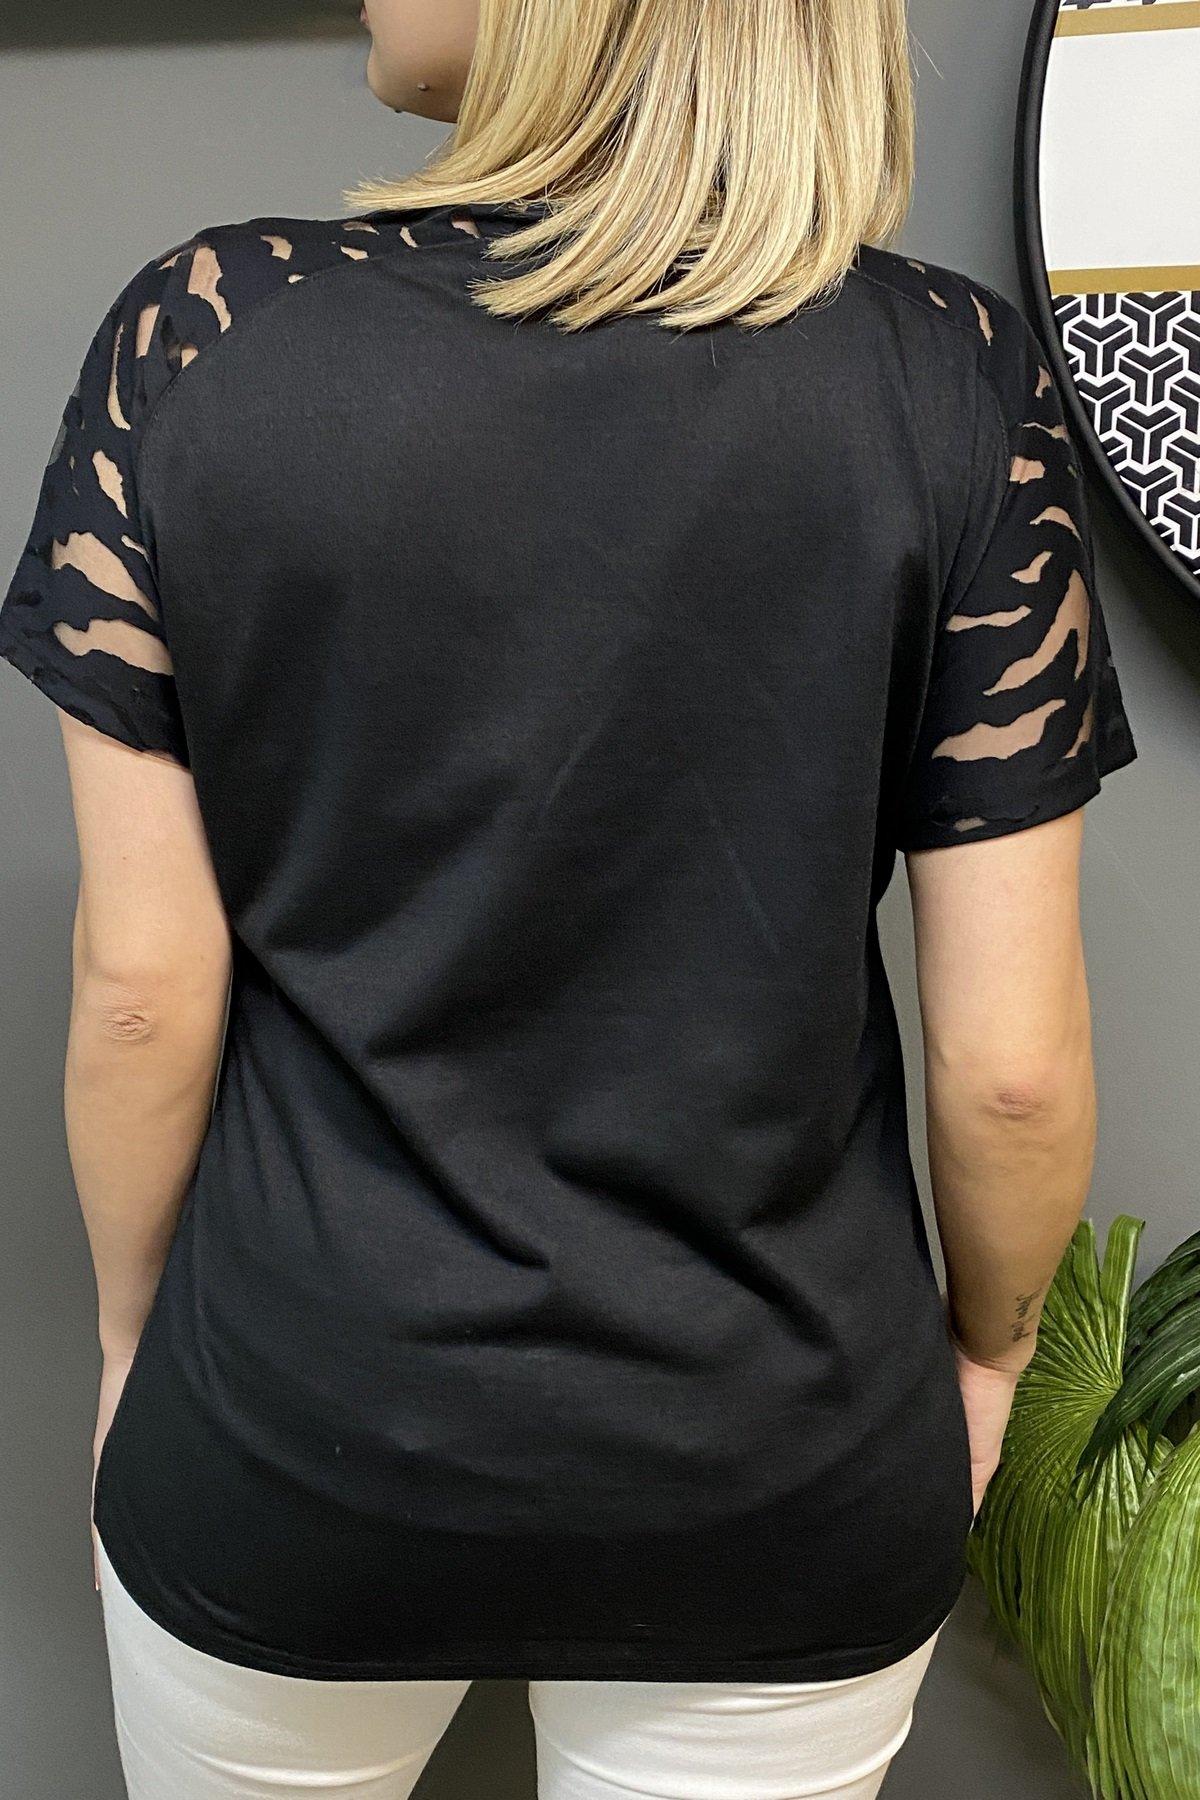 Kol Üstü Tül Göğüs Üstü Taşlı Dart Desenli Bluz